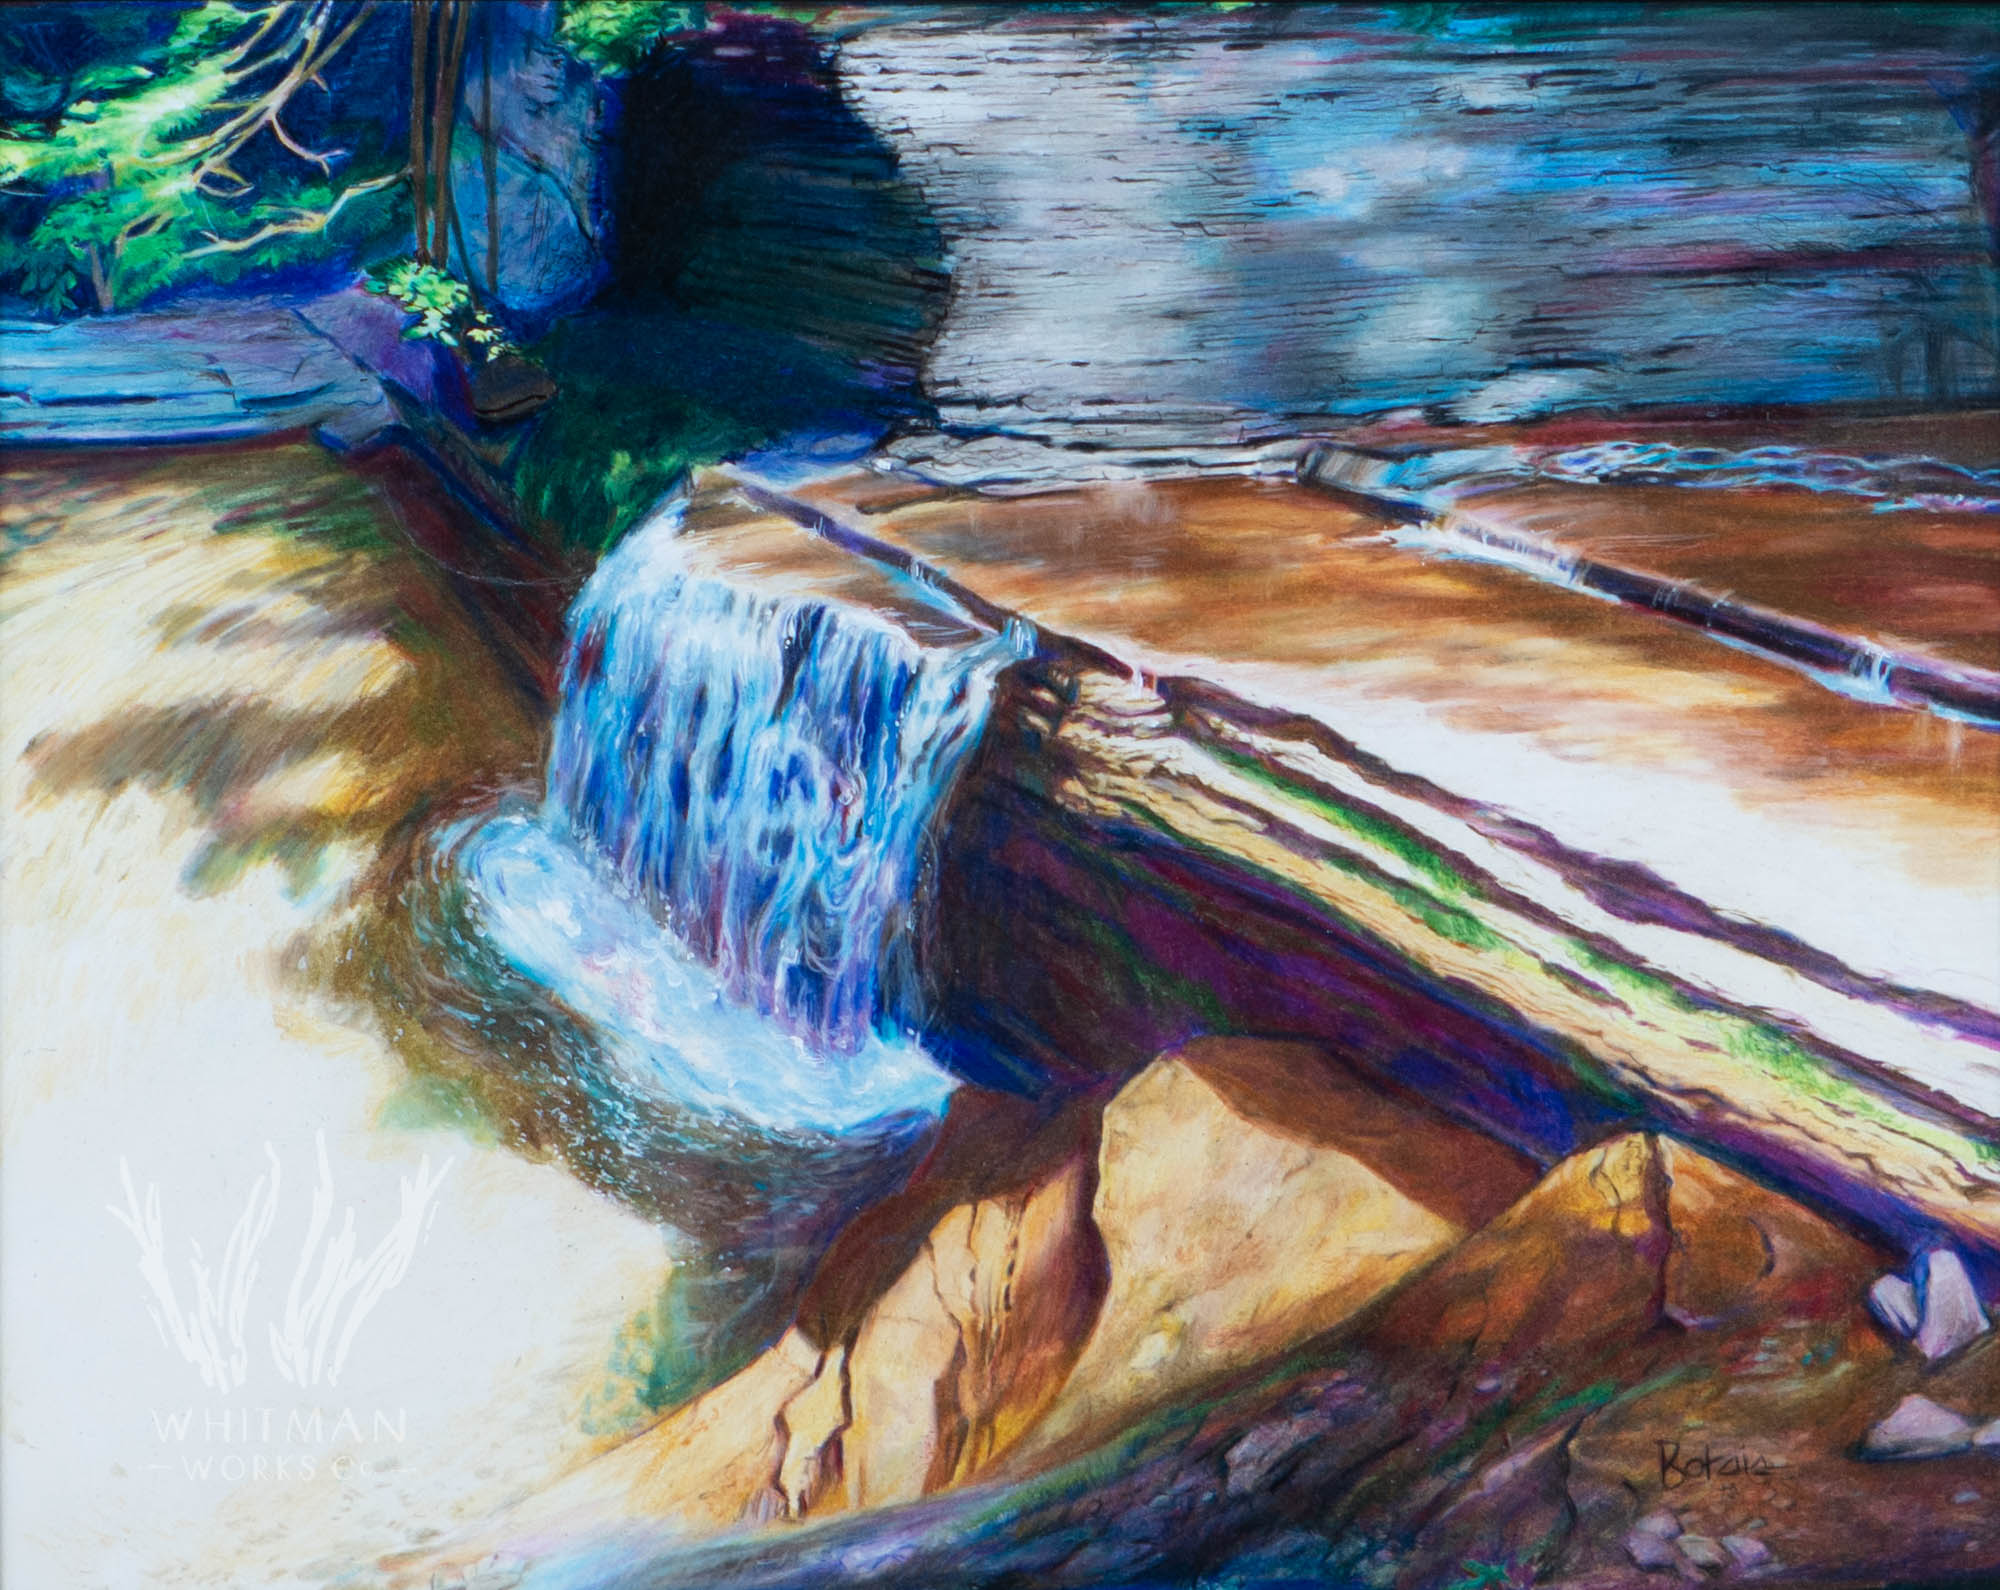 Glen waterfall by peter botsis